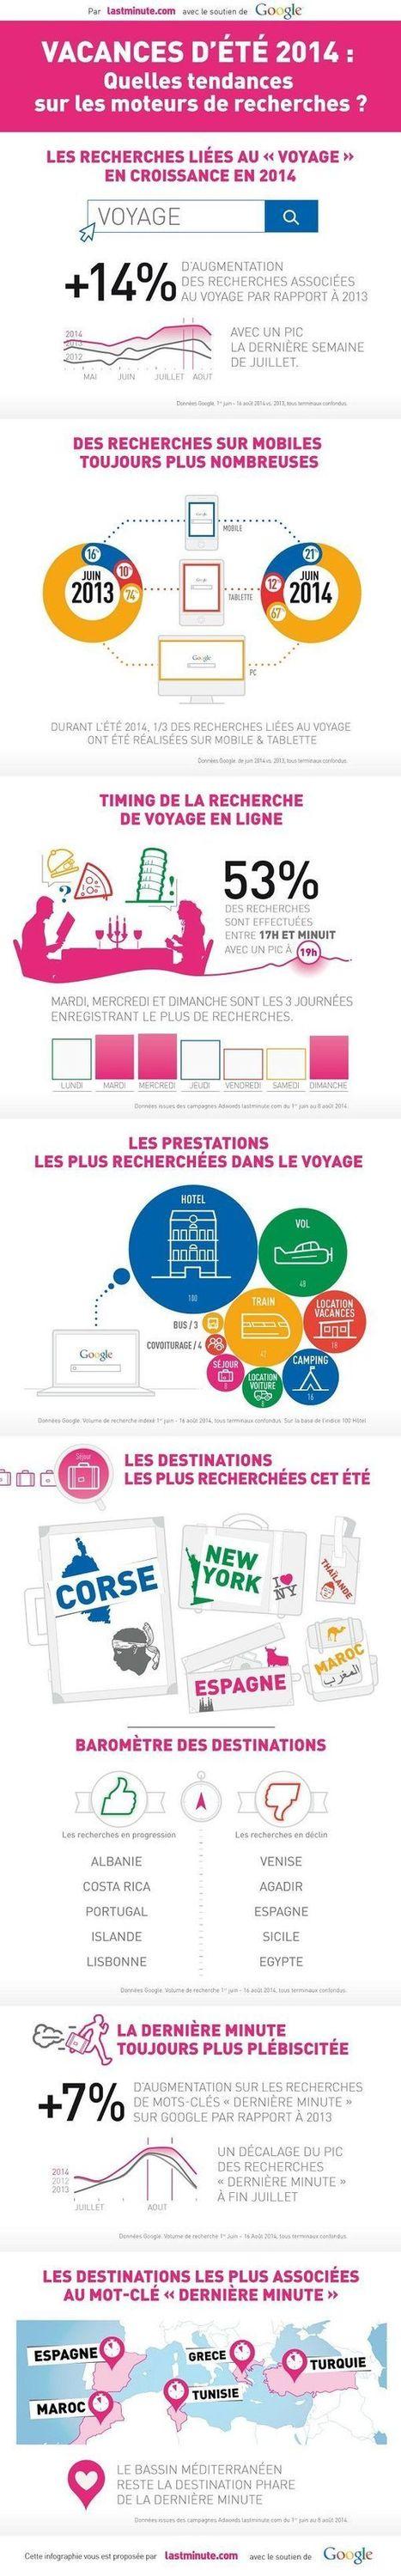 Les tendances de recherches sur Internet en France dans le voyage (pour l'été 2014) | Tout sur le Tourisme | Scoop.it